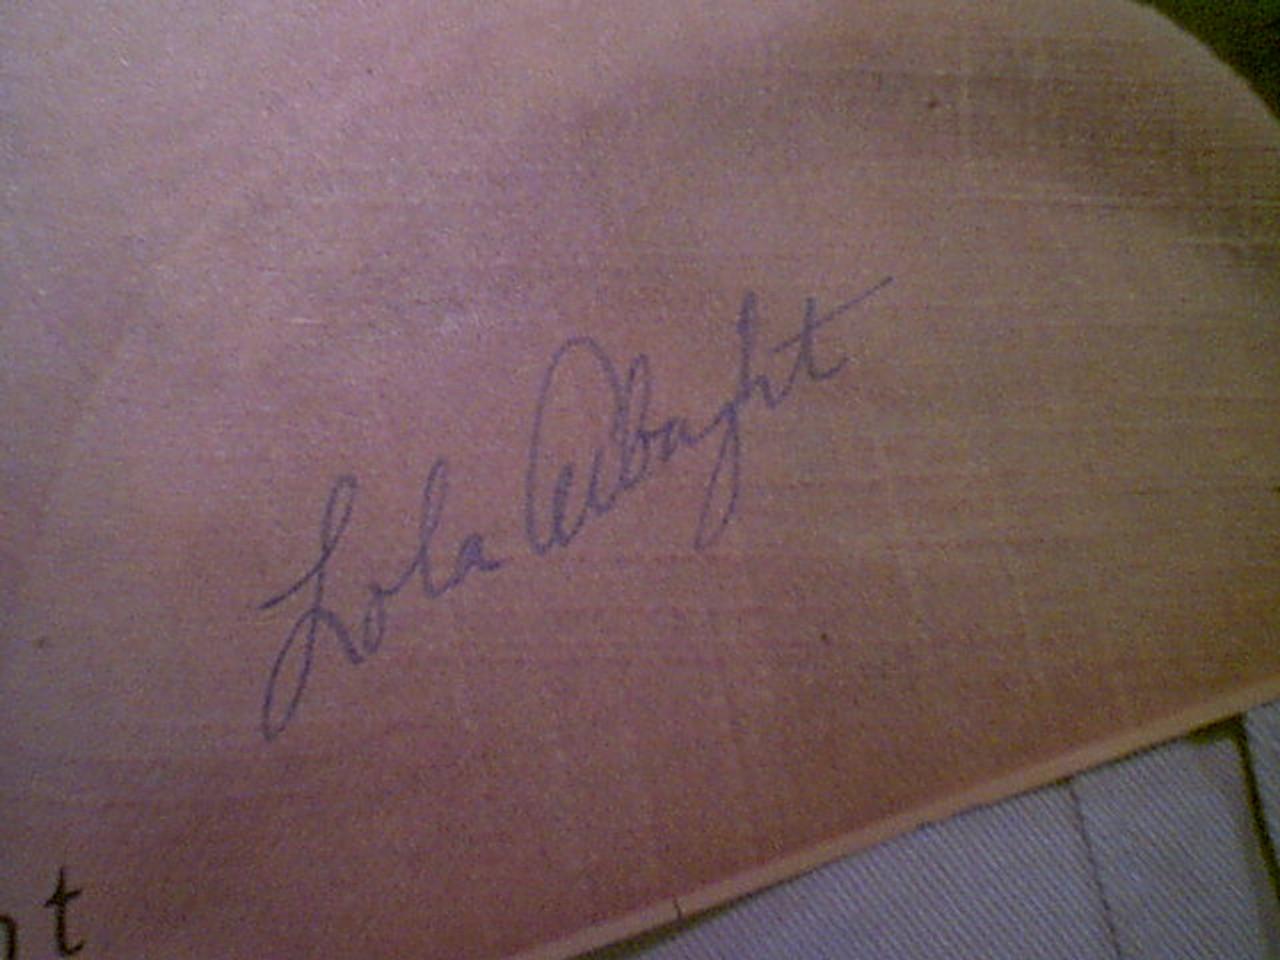 Albright, Lola Vintage Color Photo Signed Autograph 1949